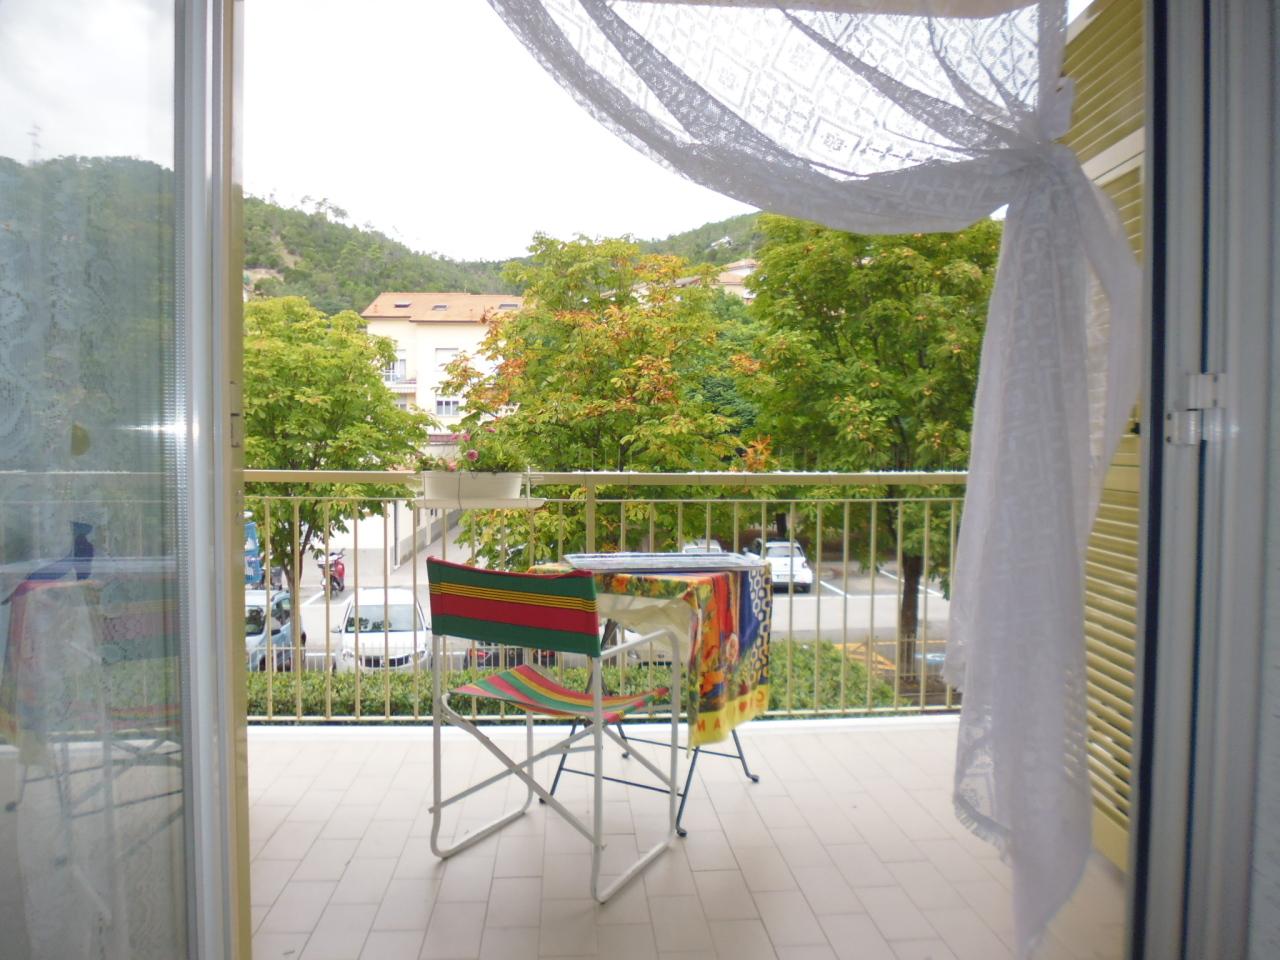 Appartamento in vendita a Casarza Ligure, 6 locali, prezzo € 175.000 | CambioCasa.it